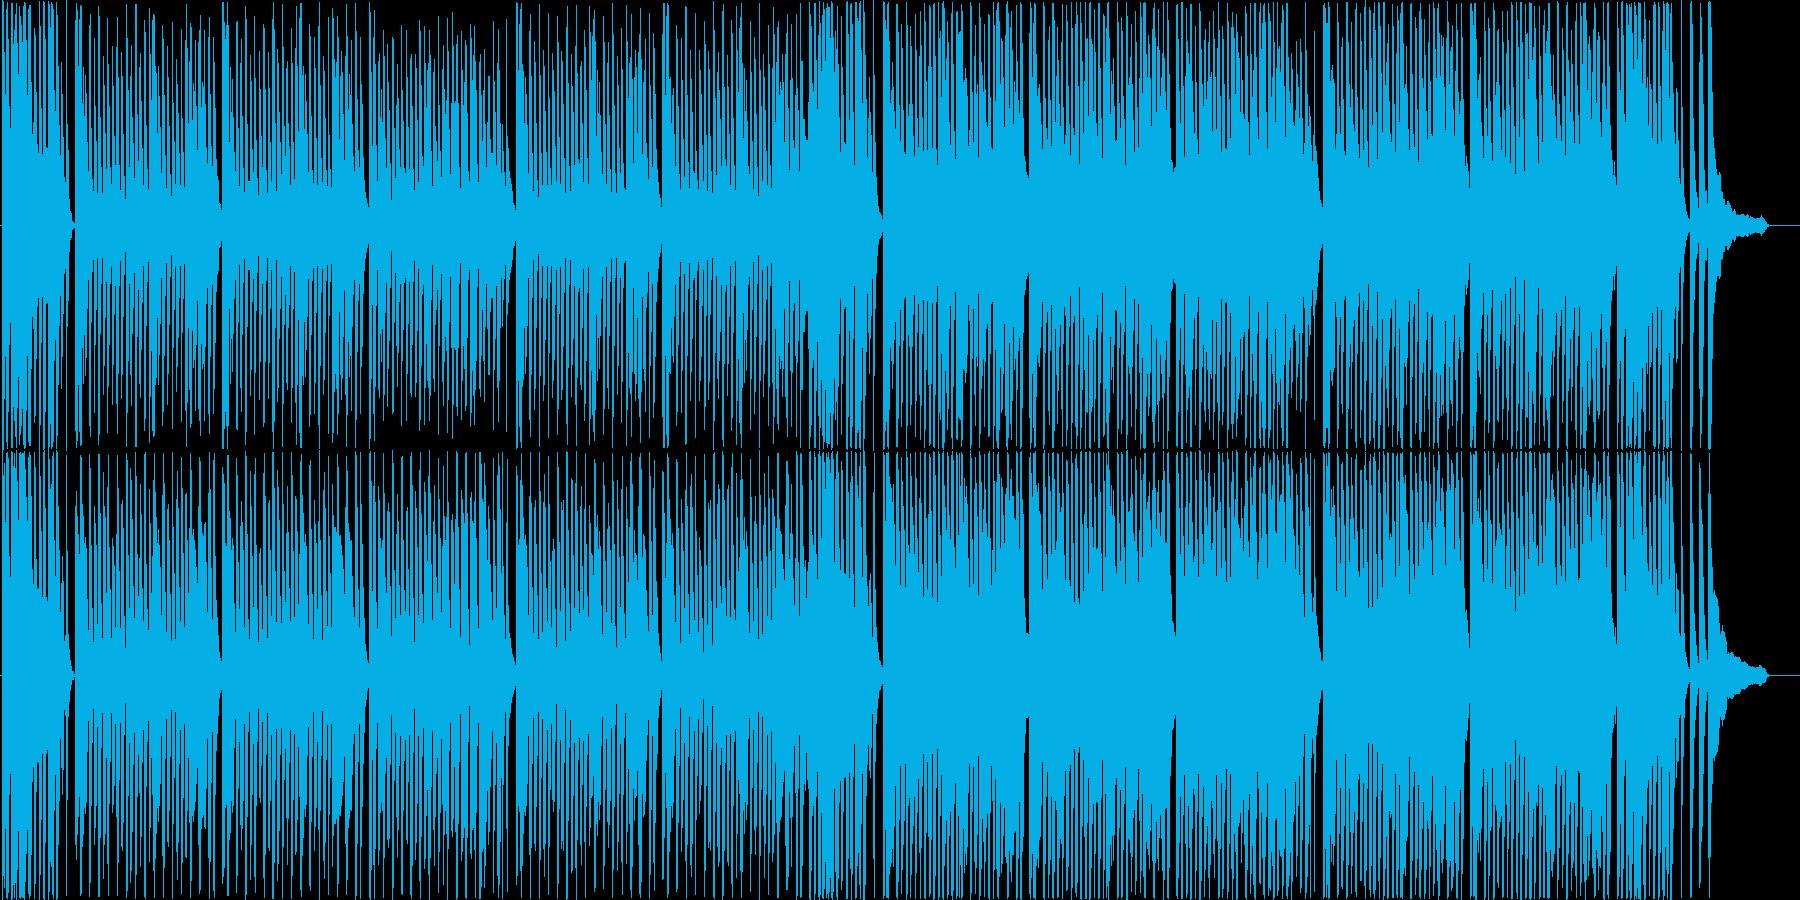 明るく飛び跳ねる愉快なポップBGM♪の再生済みの波形